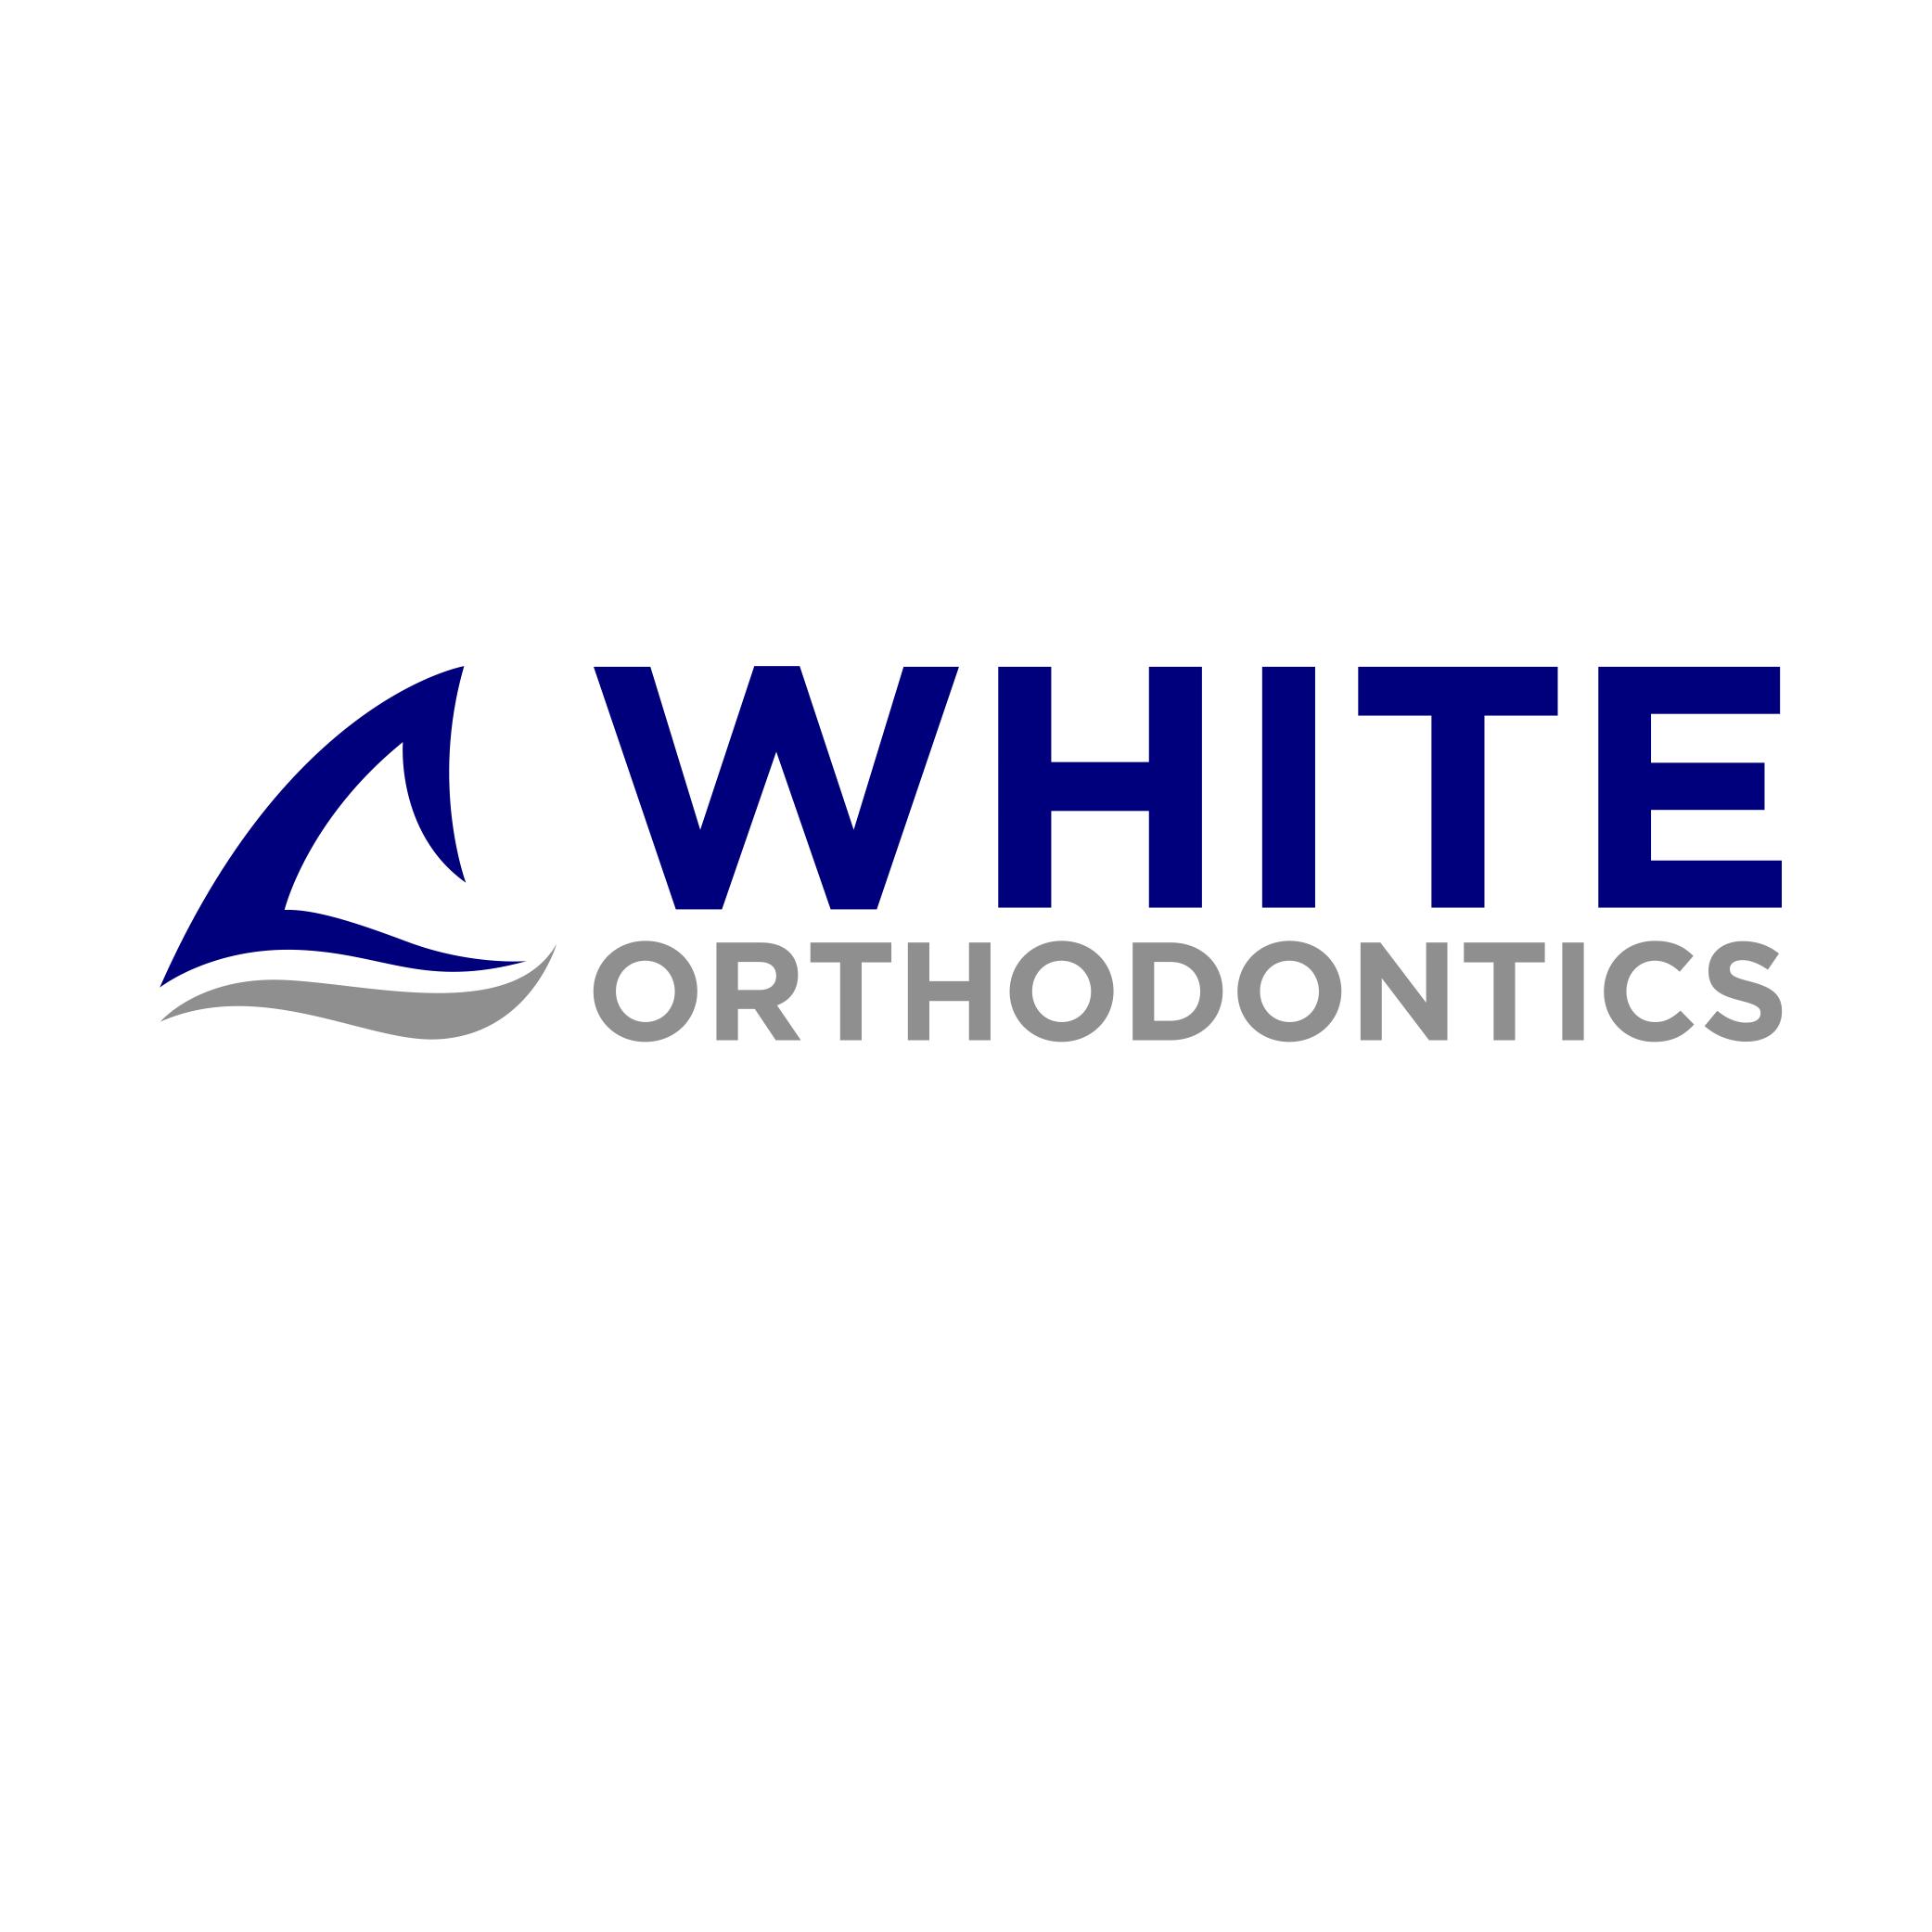 White Orthodontics